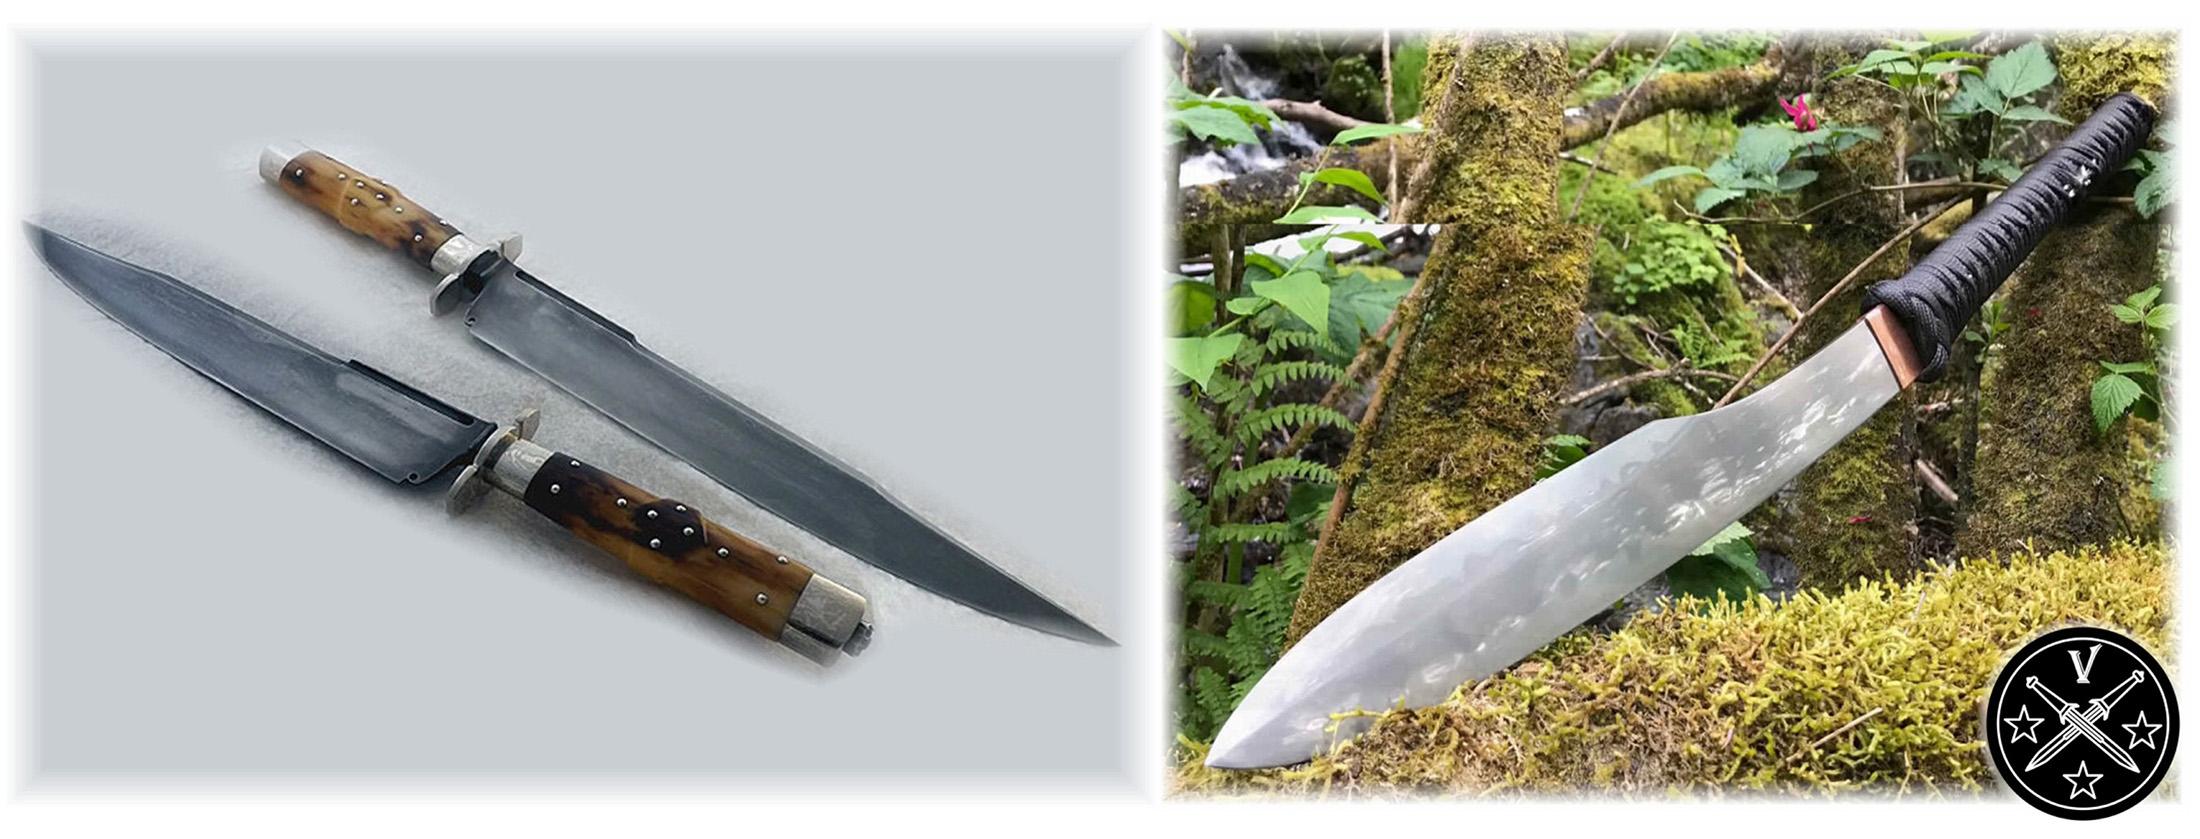 Ножи Мэтта Дискина в стиле Боуи и тяжелый тесак-мачете